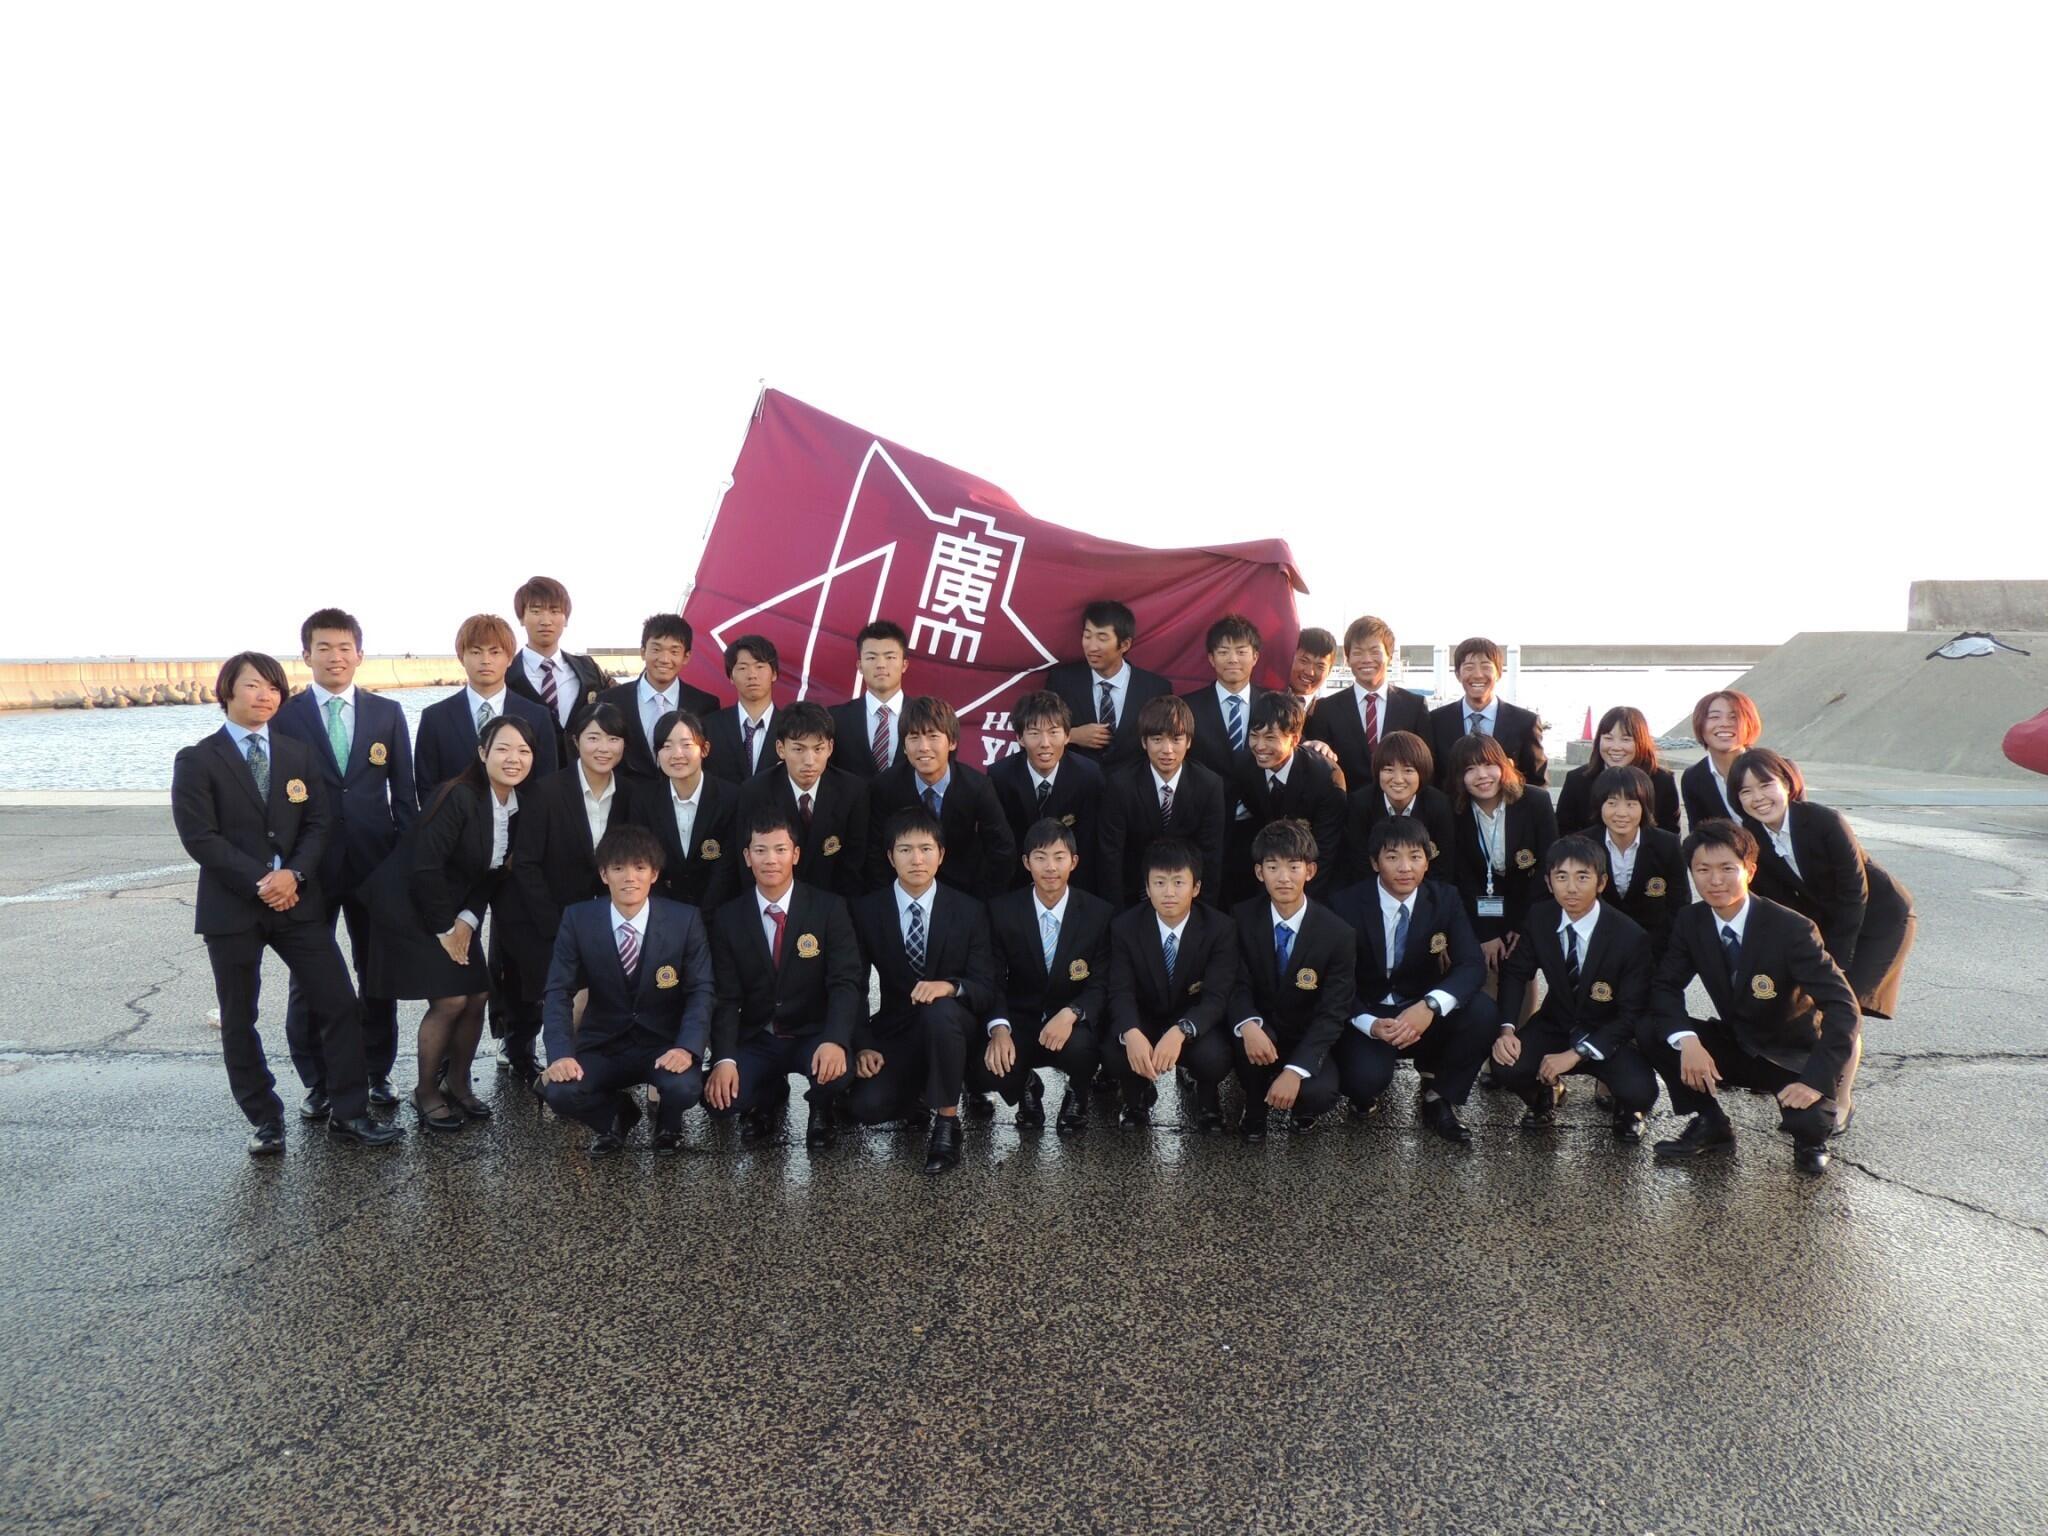 広島大学体育会ヨット部・女子ヨット部 第84回全日本学生ヨット選手権大会 スナイプ級団体6位入賞